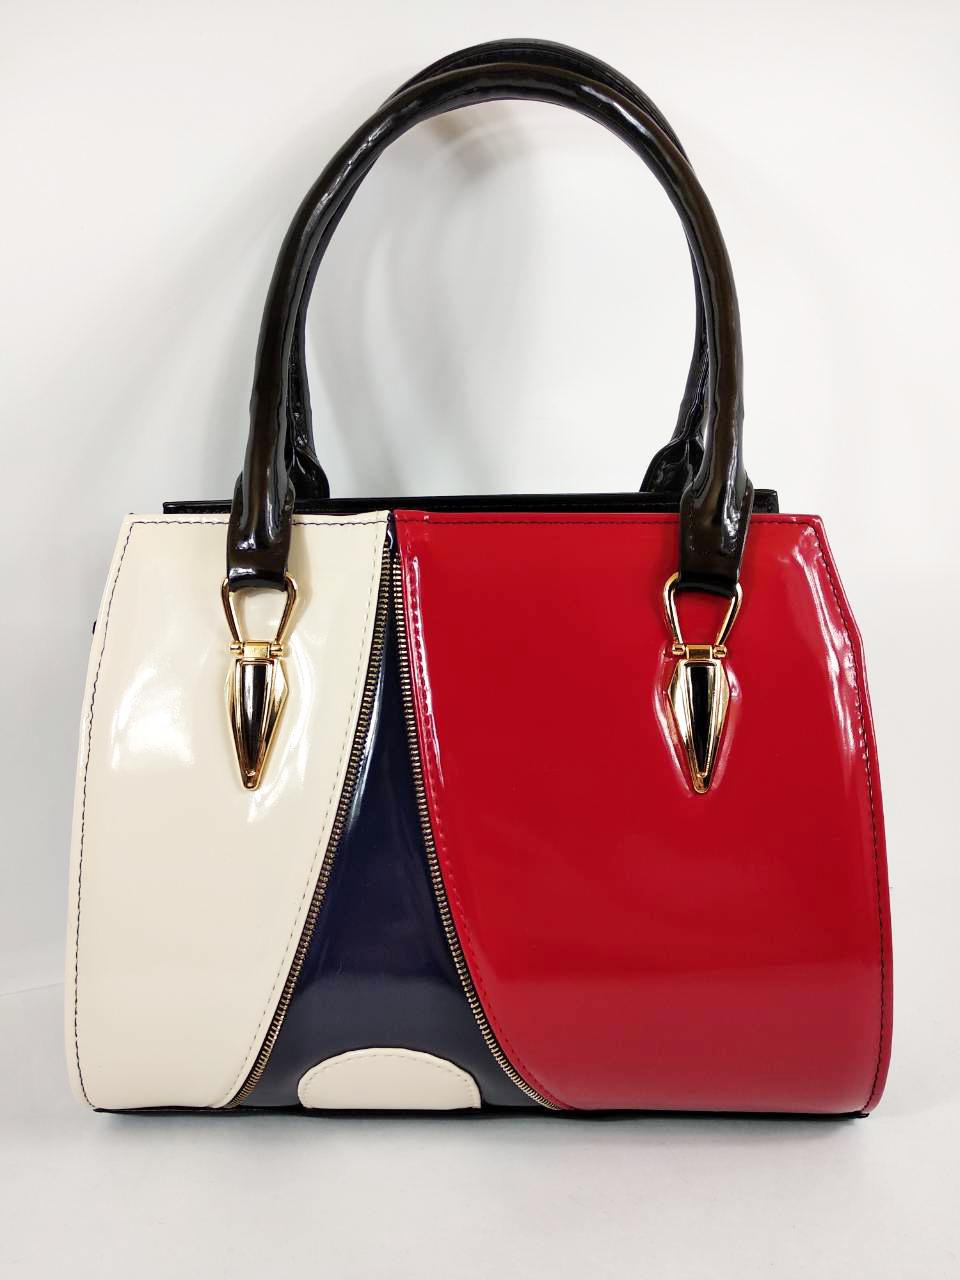 5860a9655970 Сумка красная черная модная женская лаковая стильная, цена 640 грн., купить  в Черновцах — Prom.ua (ID#520261853)